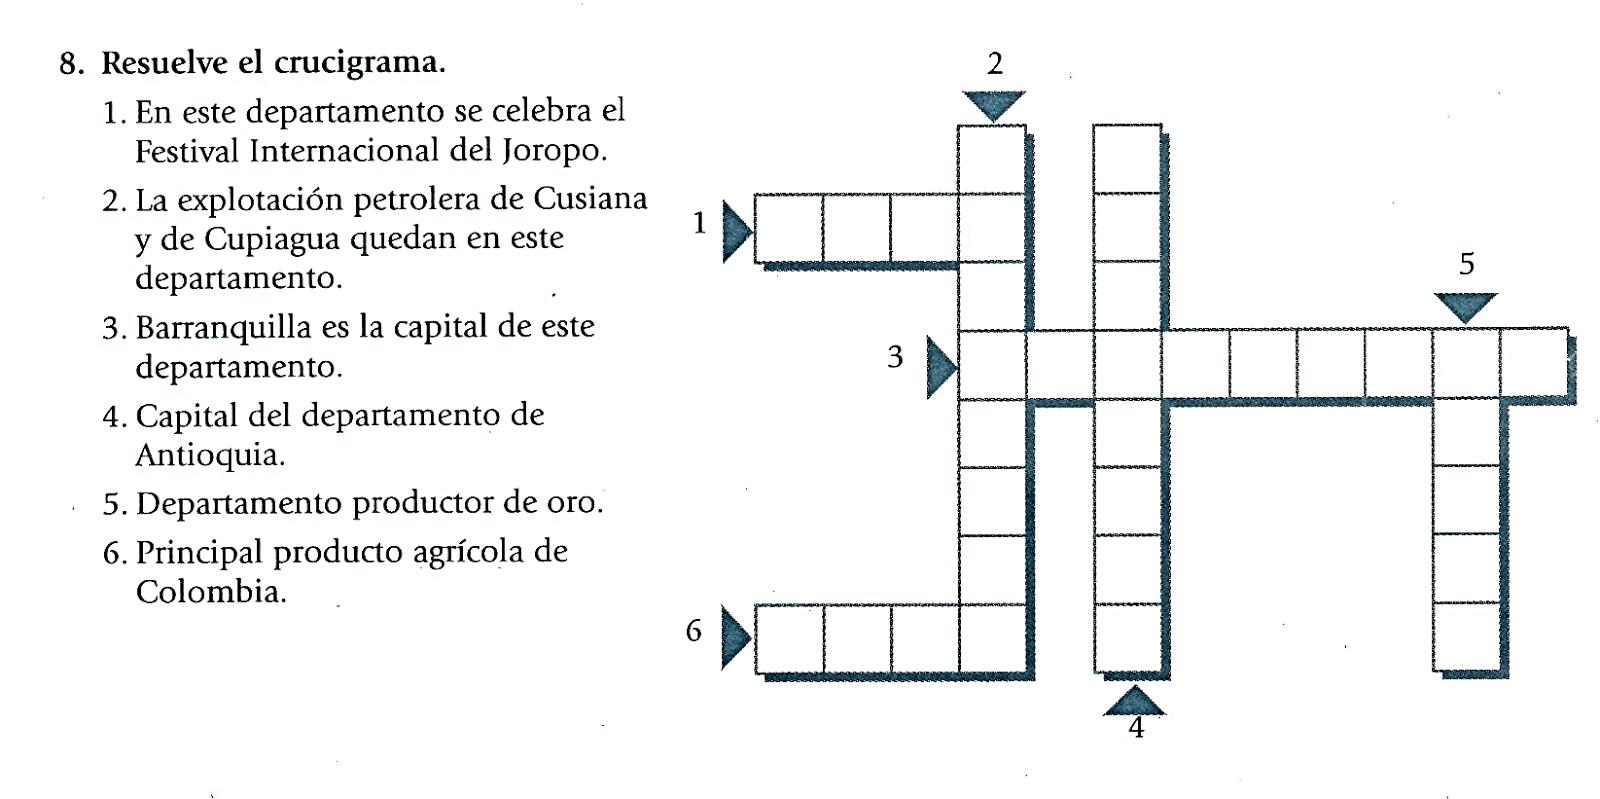 Colegio Técnico Nuestra Señora De La Presentación San Gi Santander Formación Integral Del Estudiante Código Erl Spc35 Ve Ciencias Sociales Joropo Crucigramas